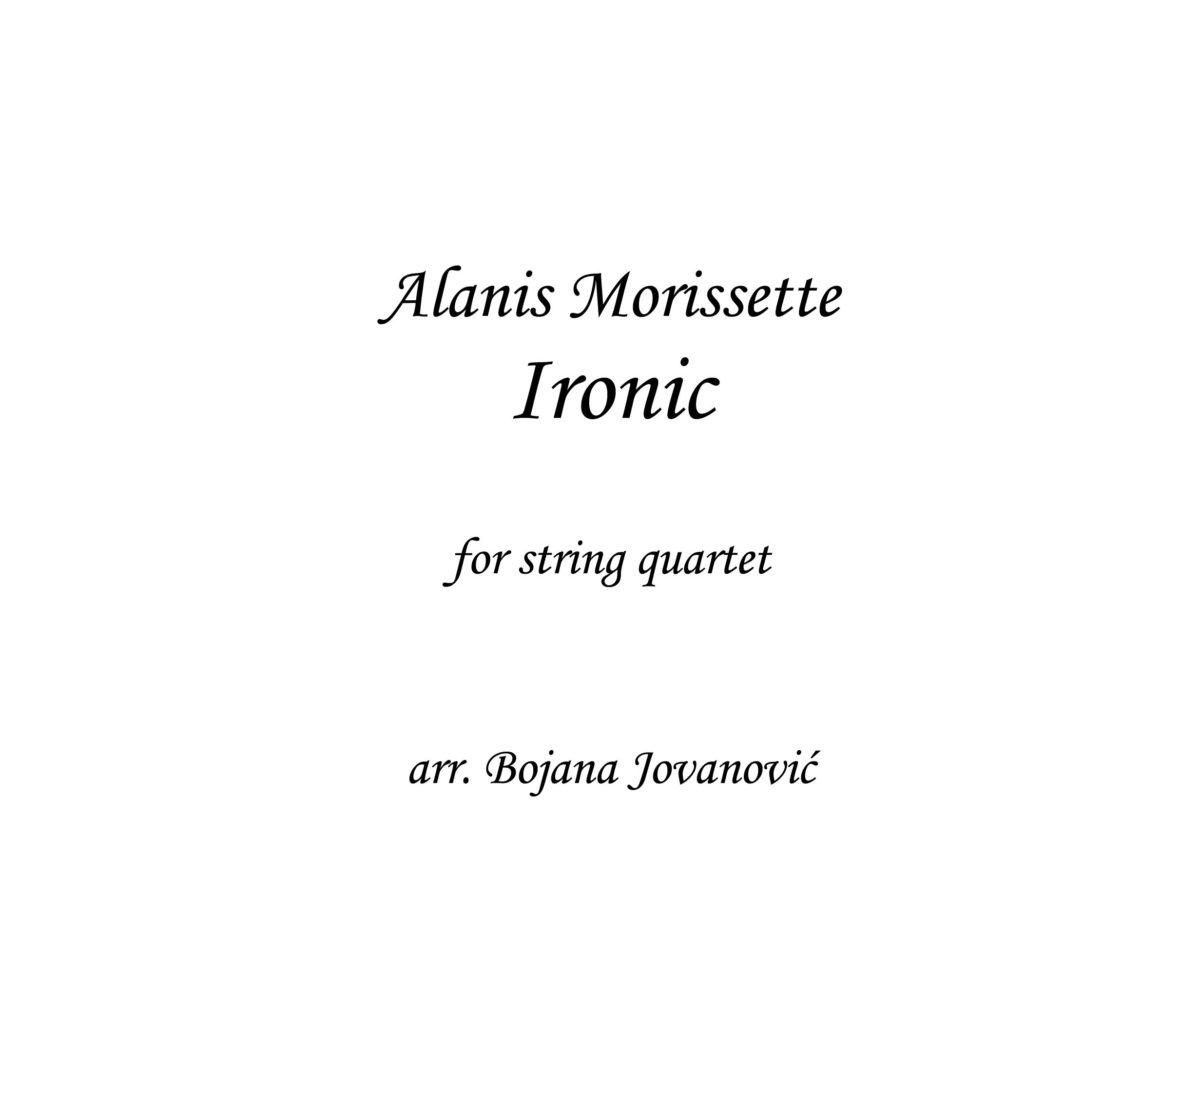 Ironic (Alanis Morissette) - Sheet Music